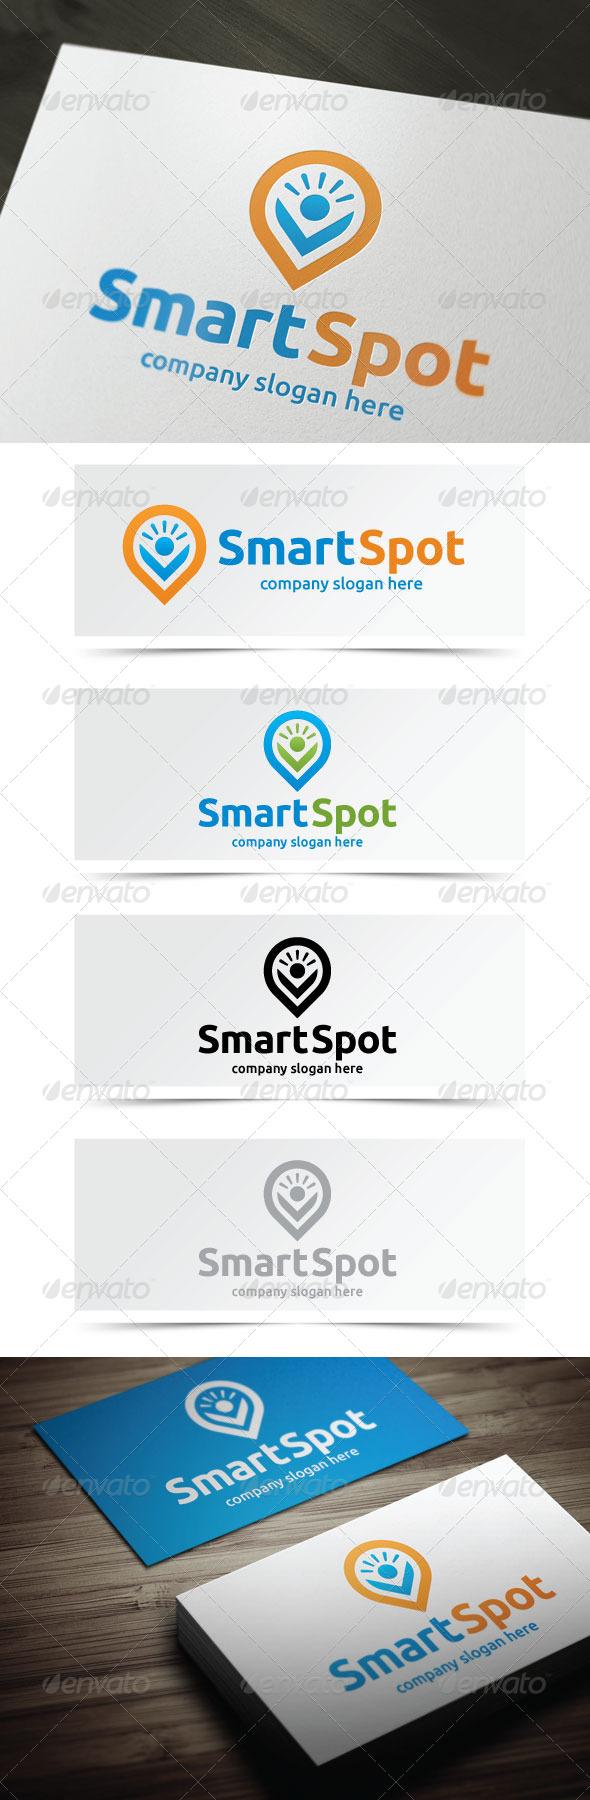 GraphicRiver Smart Spot 5255290